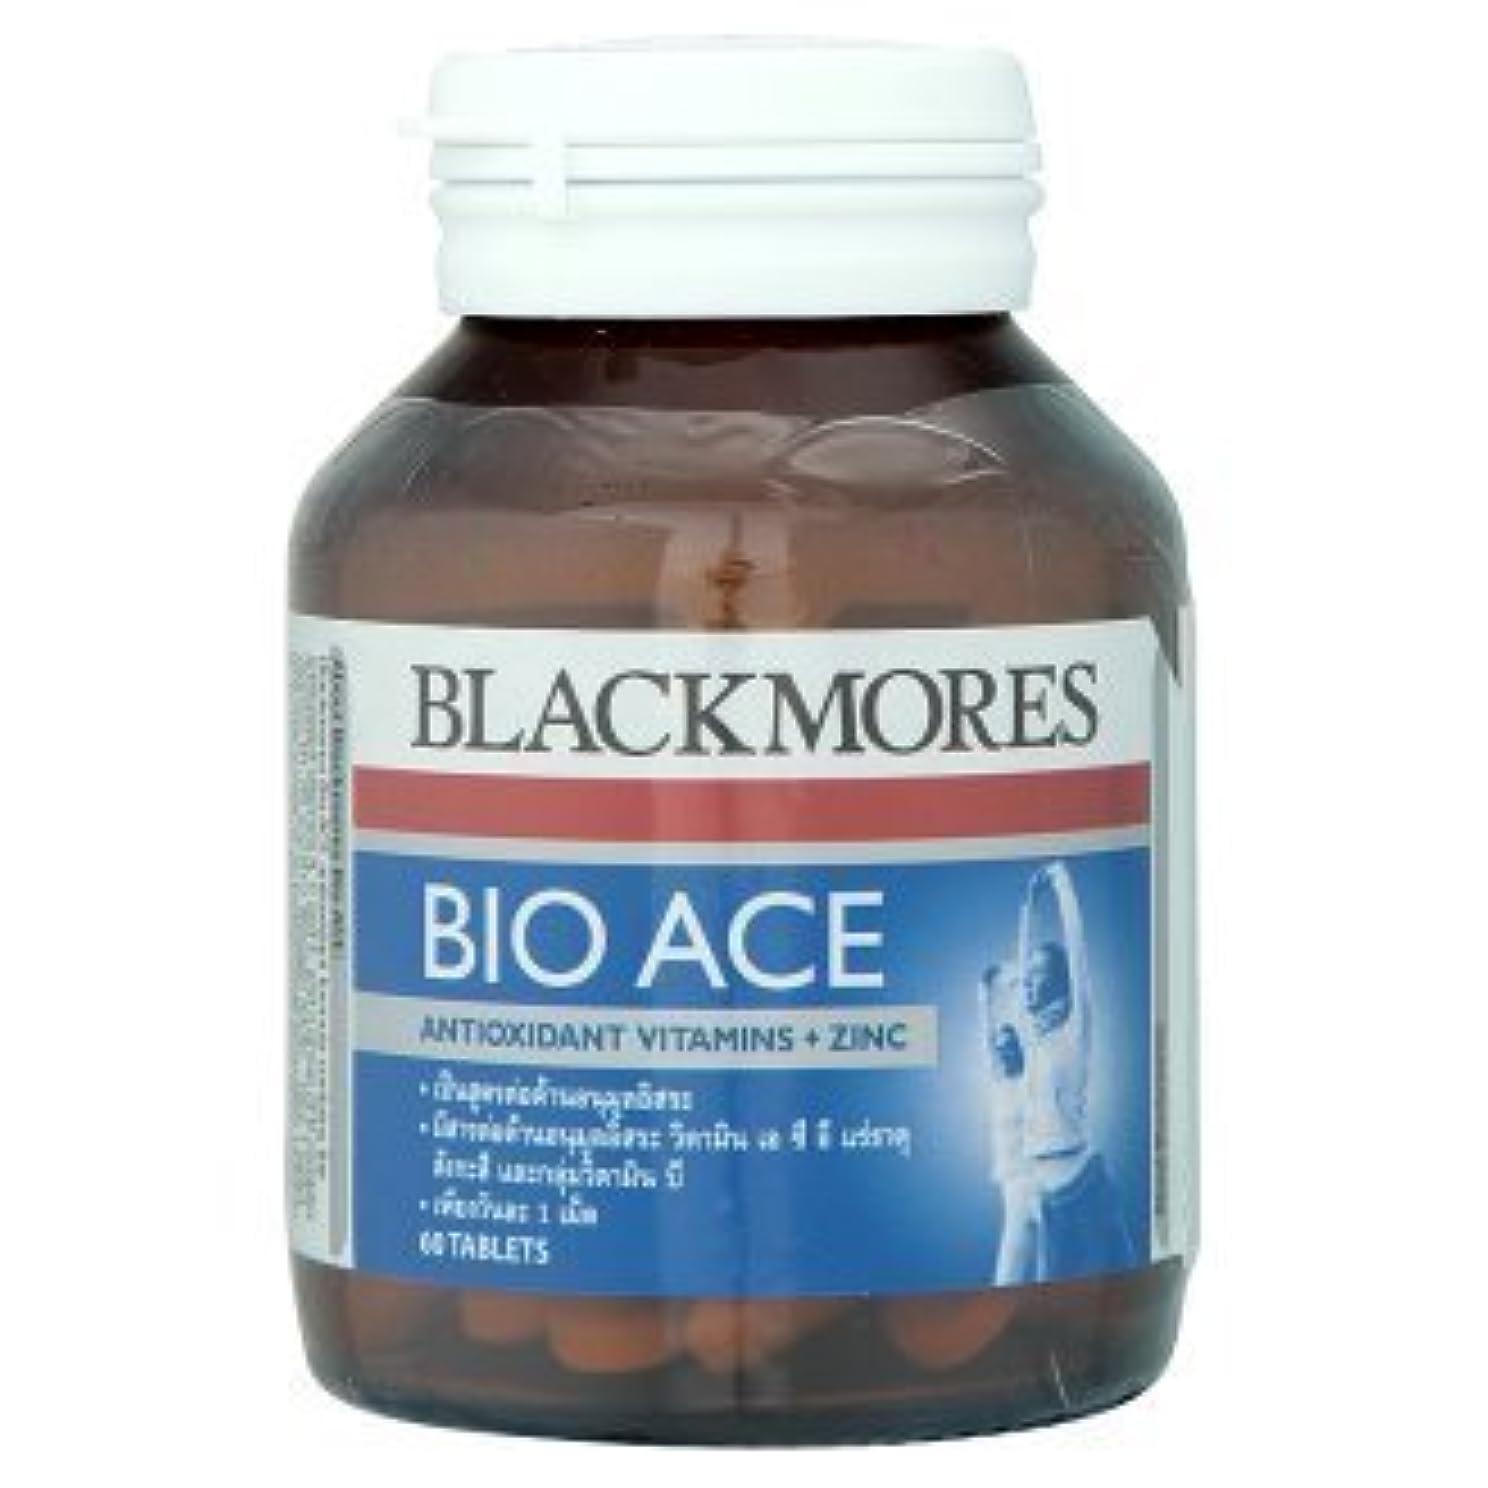 共和国対抗磁気BlackmoresビタミンBio Ace 60tab。( Beauty Best )